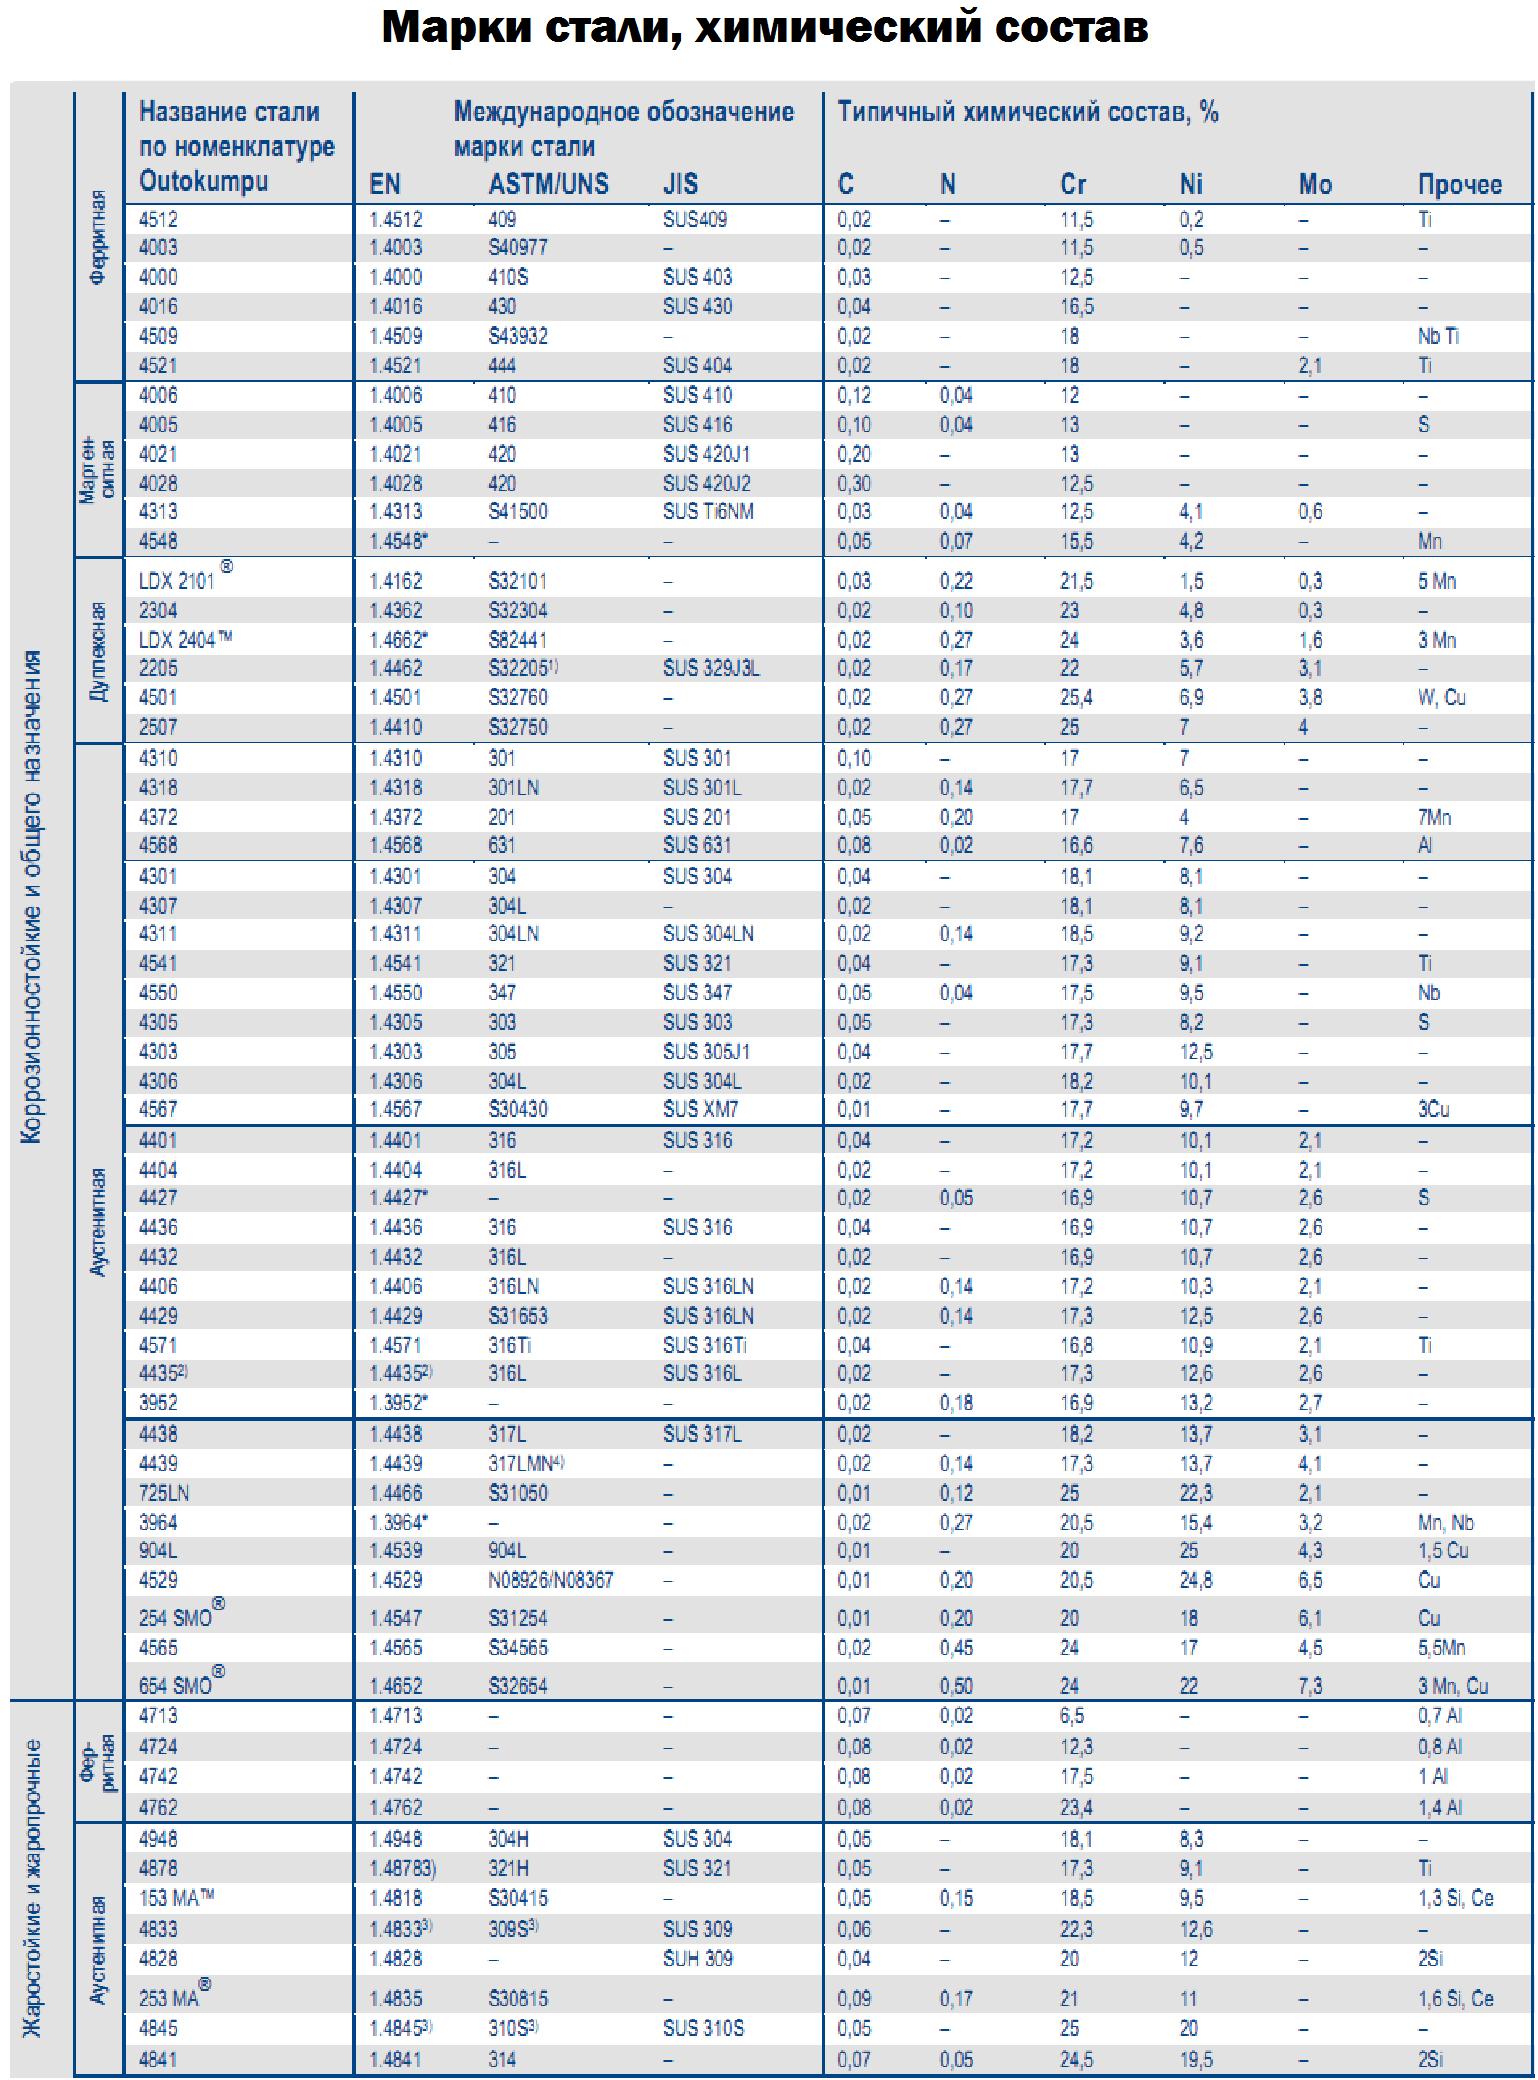 Таблица маркировок видов стали и их химический состав